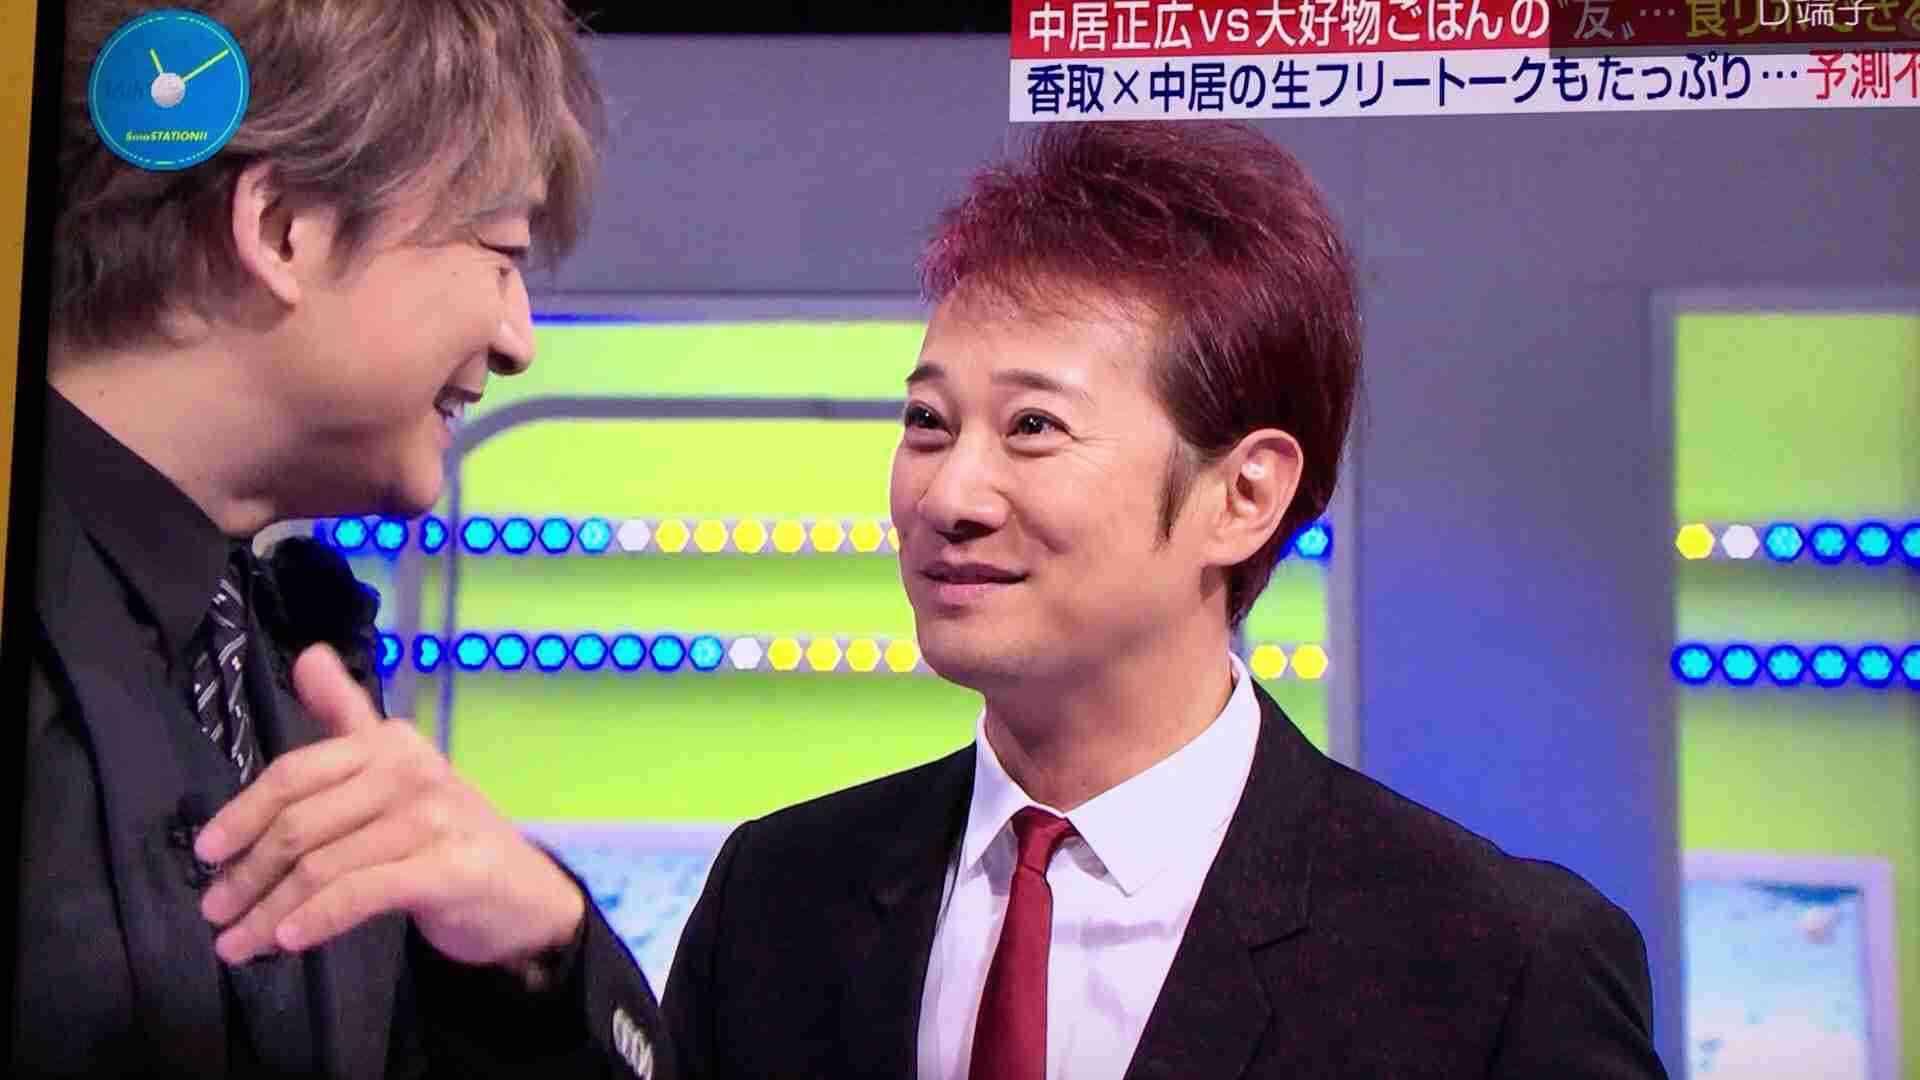 中居正広、香取慎吾は「心の中で高笑いしてた」 ラジオで「スマステ」共演振り返る